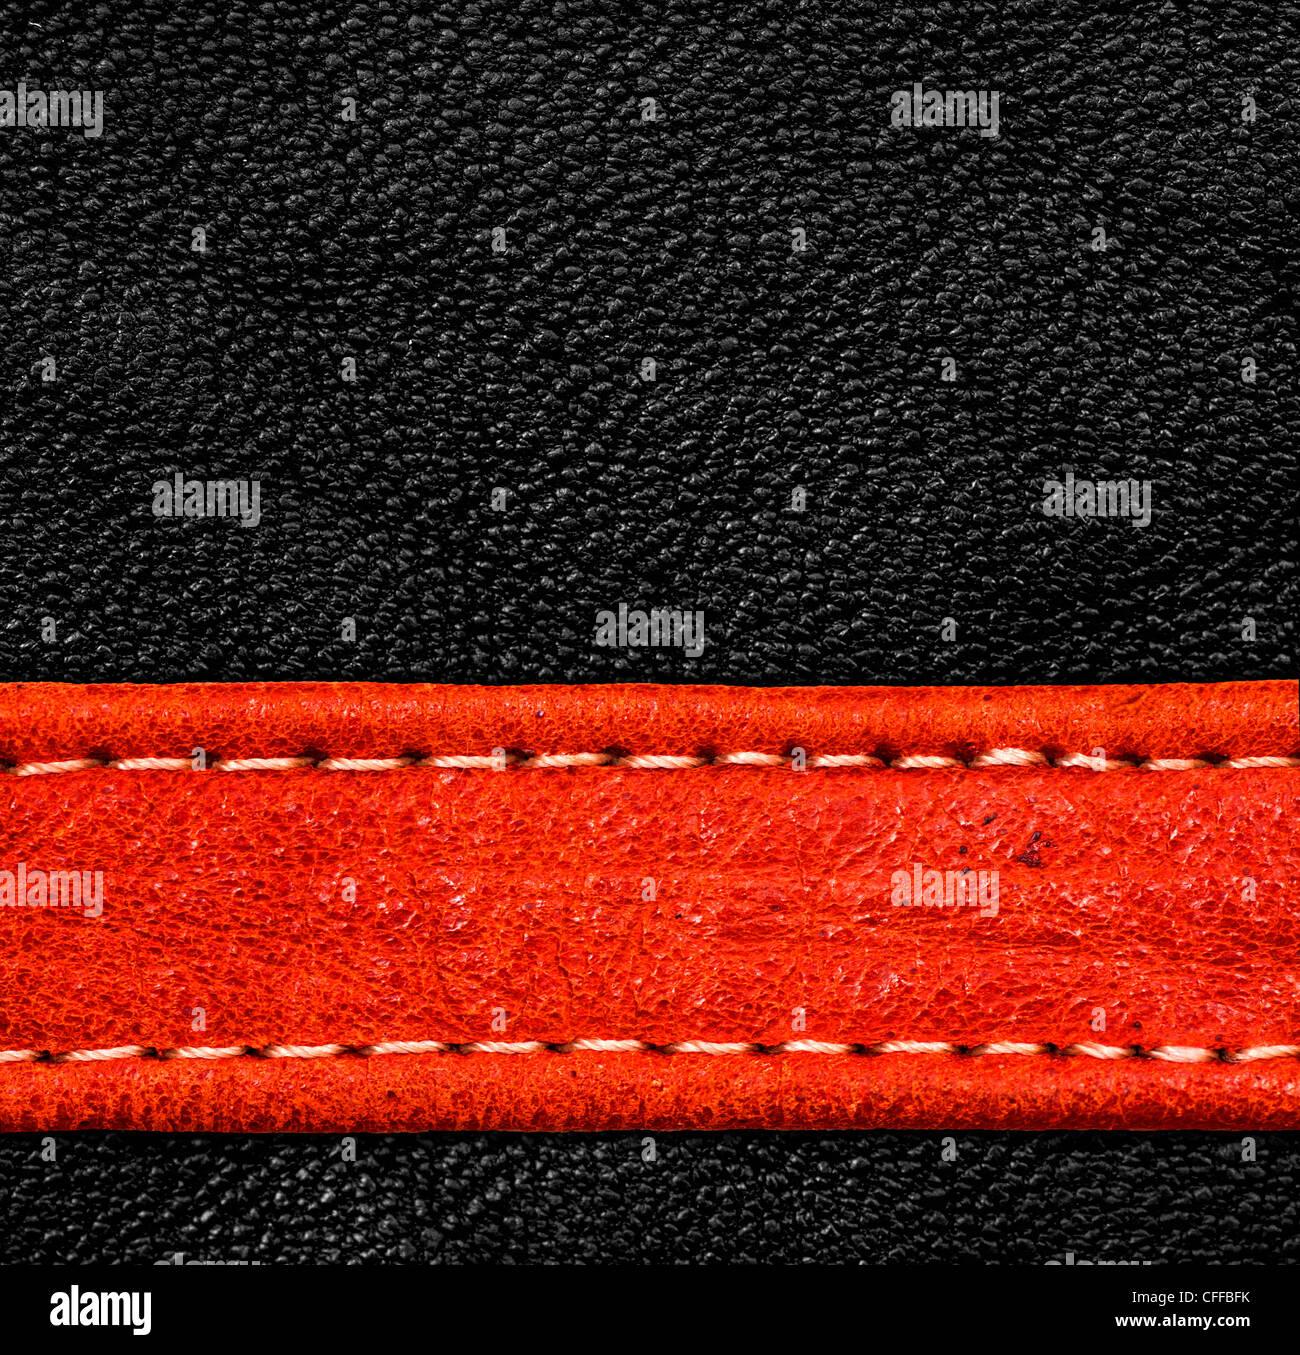 Uma textura de cabedal castanho. alta resolução. Imagens de Stock